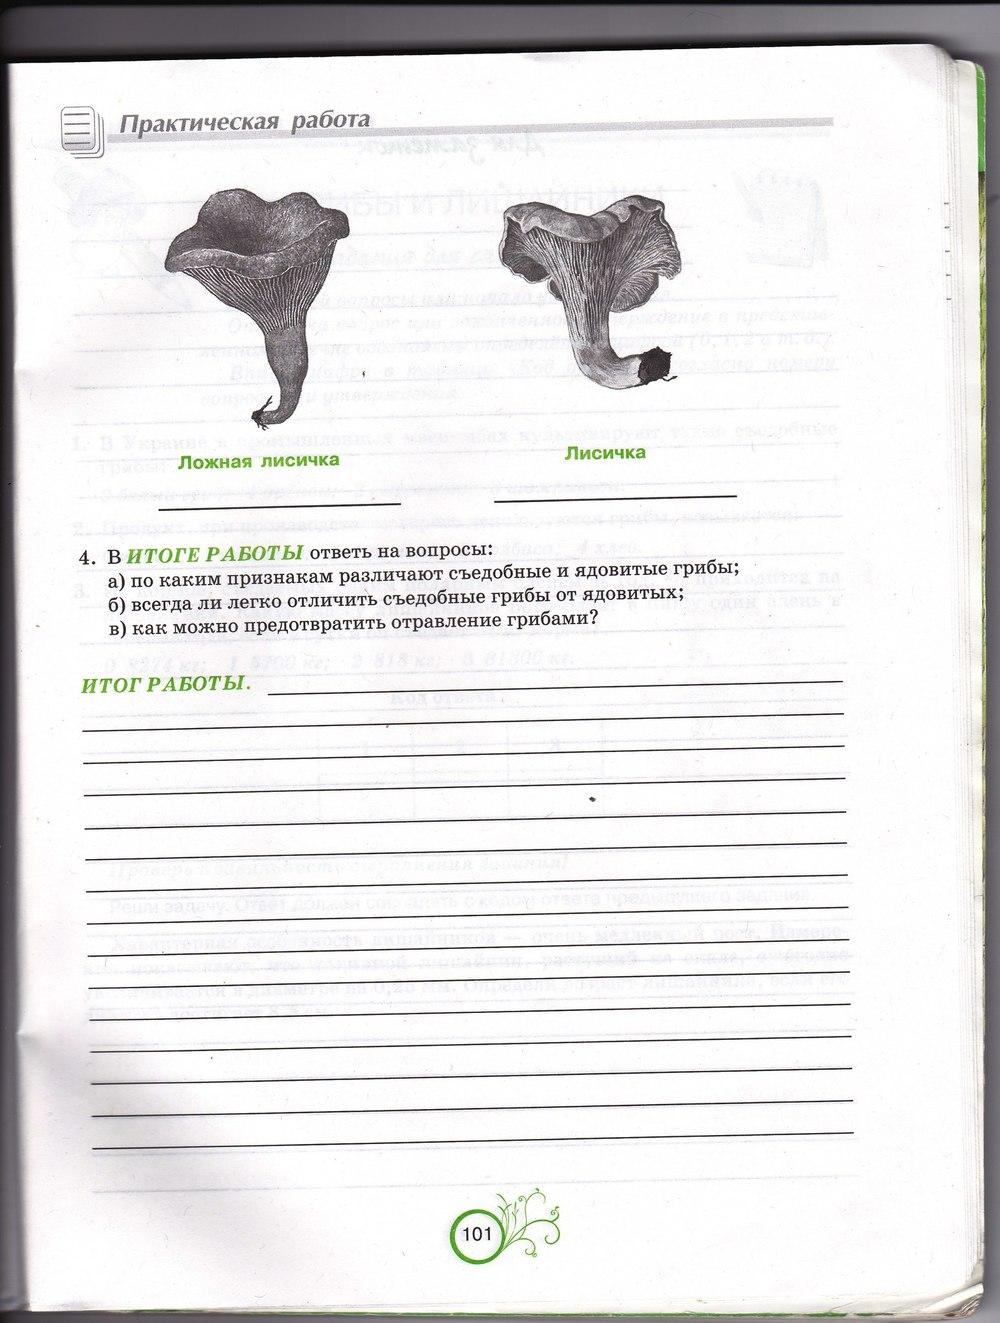 Гдз андерсон биология зошит